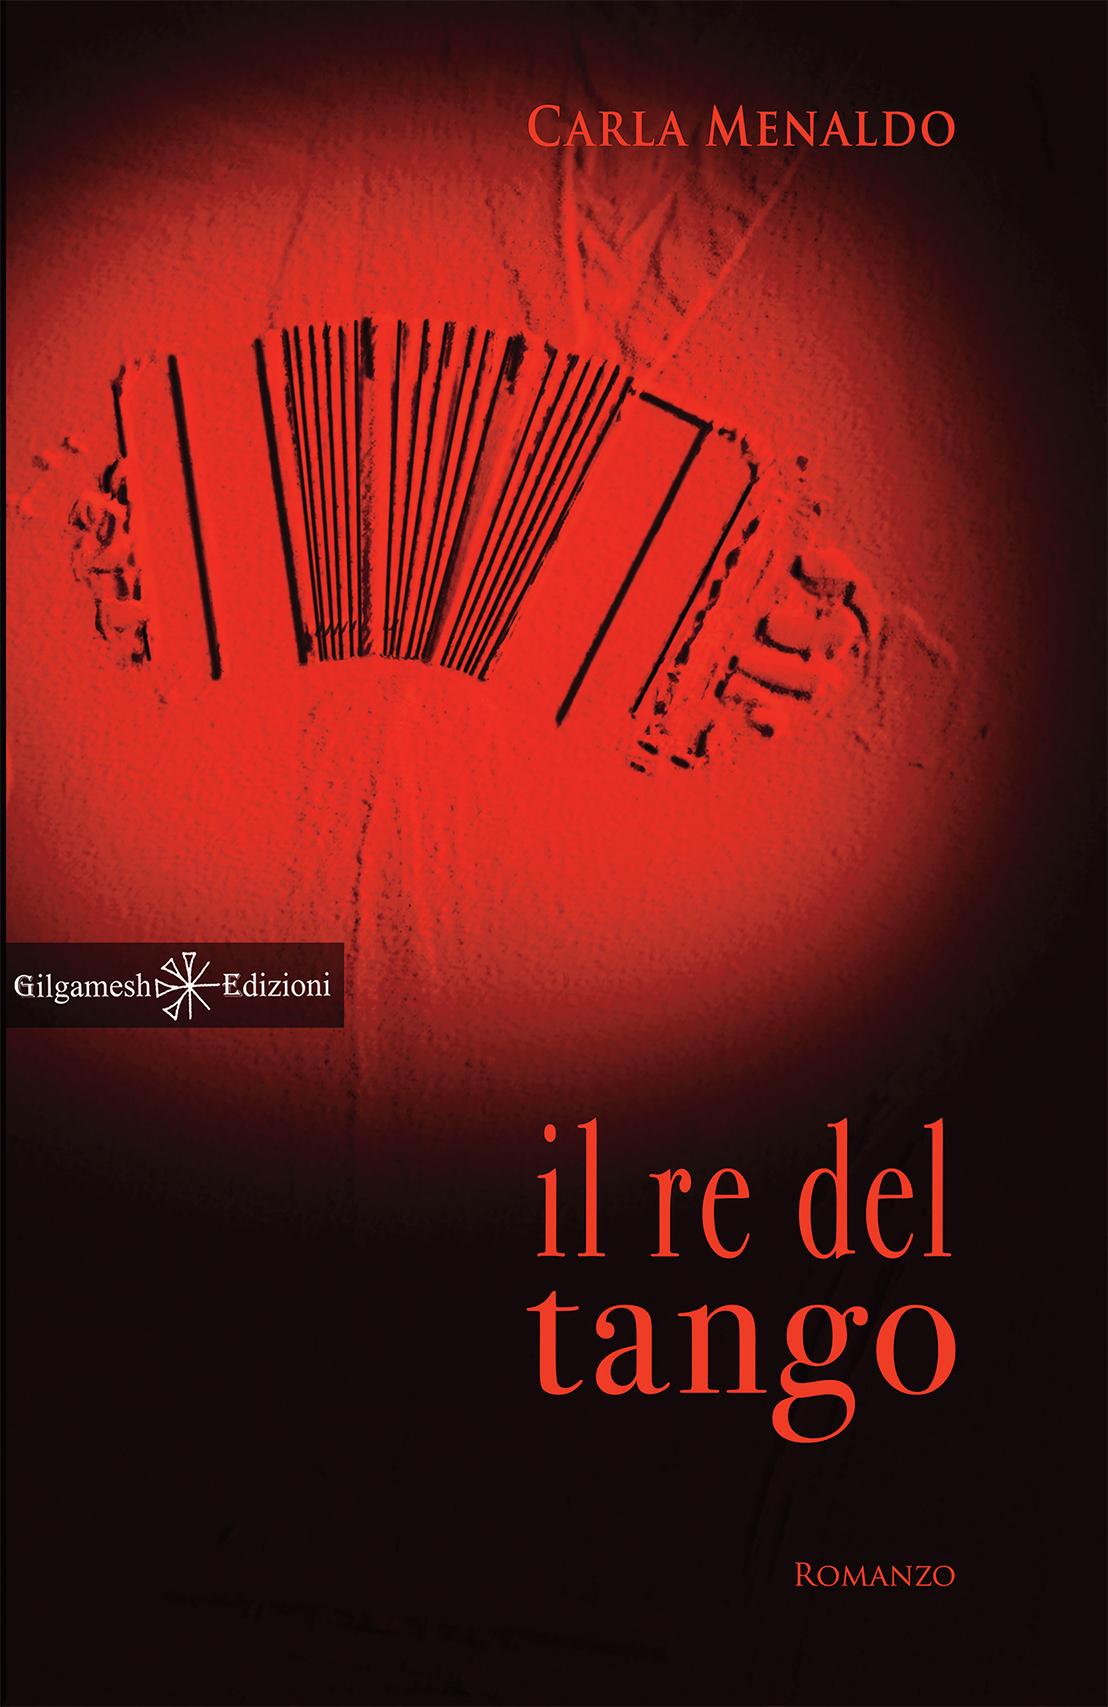 Il re del tango